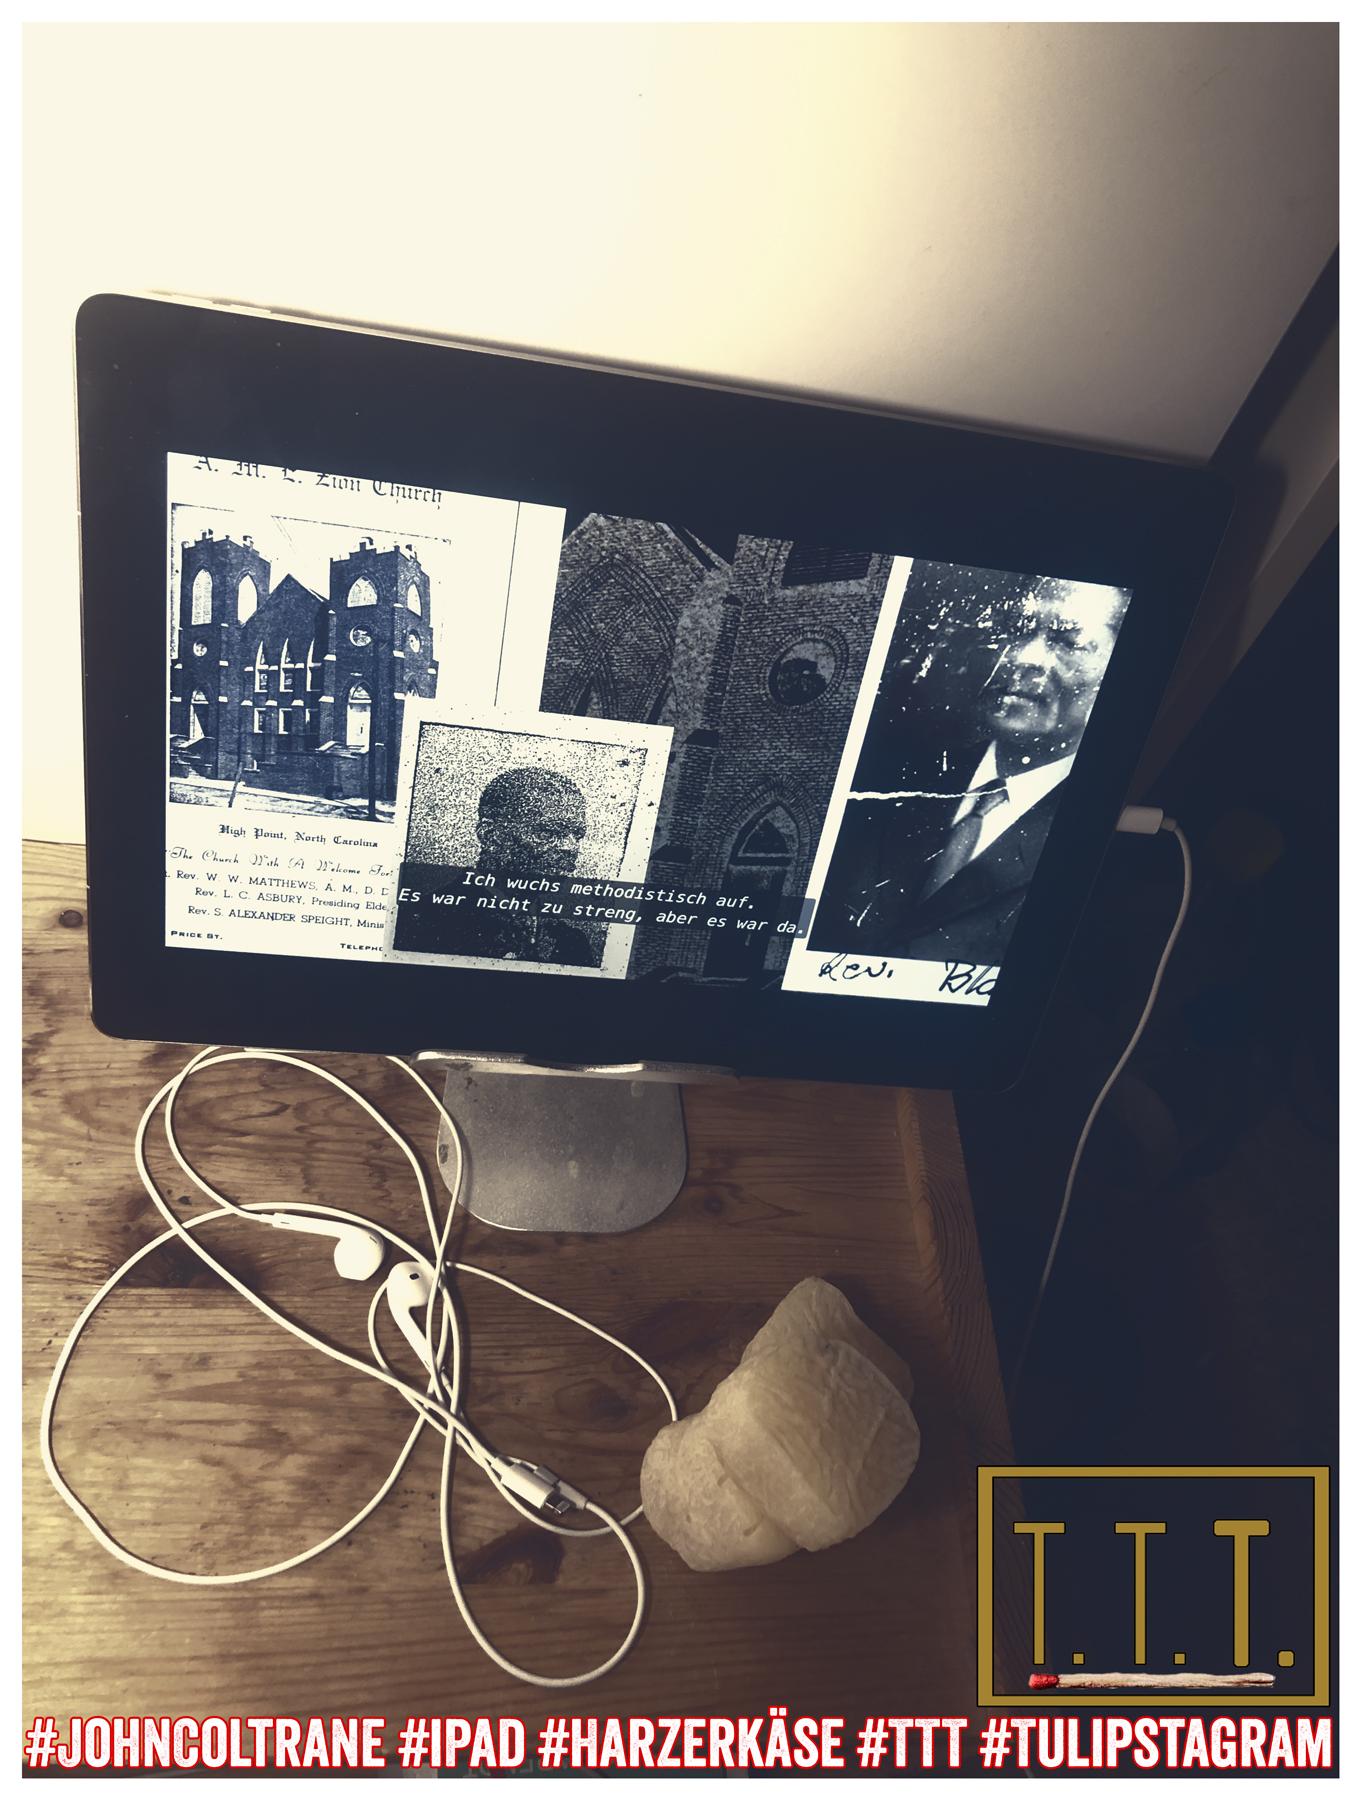 05.07.19 #JohnColtrane #iPad #Harzerkäse #TTT #Tulipstagram